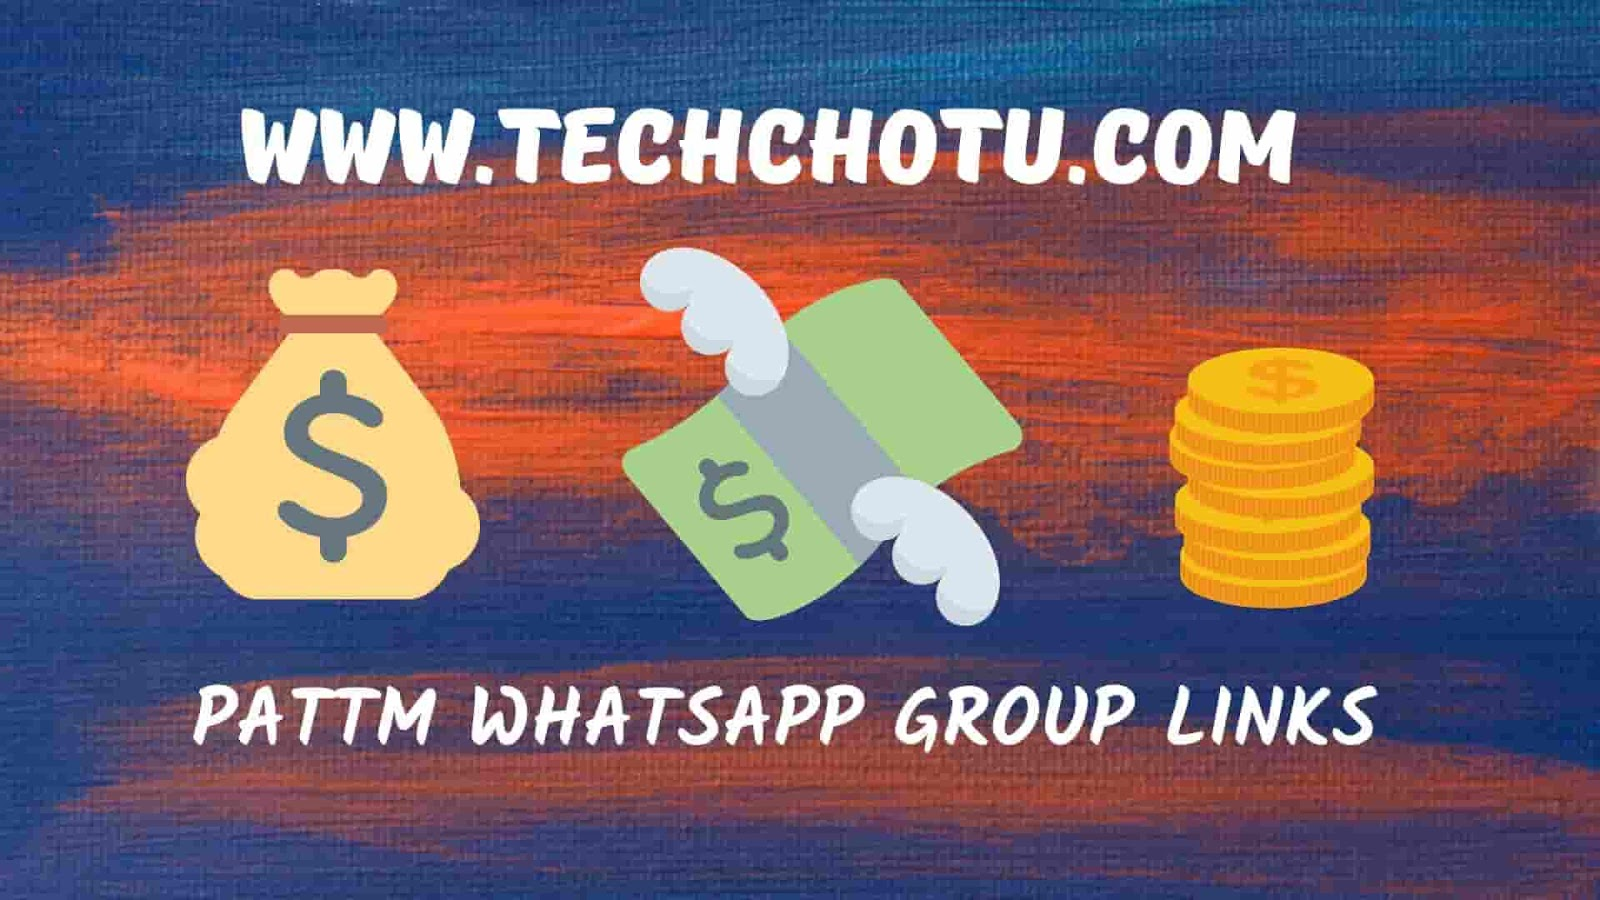 Paytm Whatsapp Groups Links List 2019 - TECHCHOTU:WhatsApp